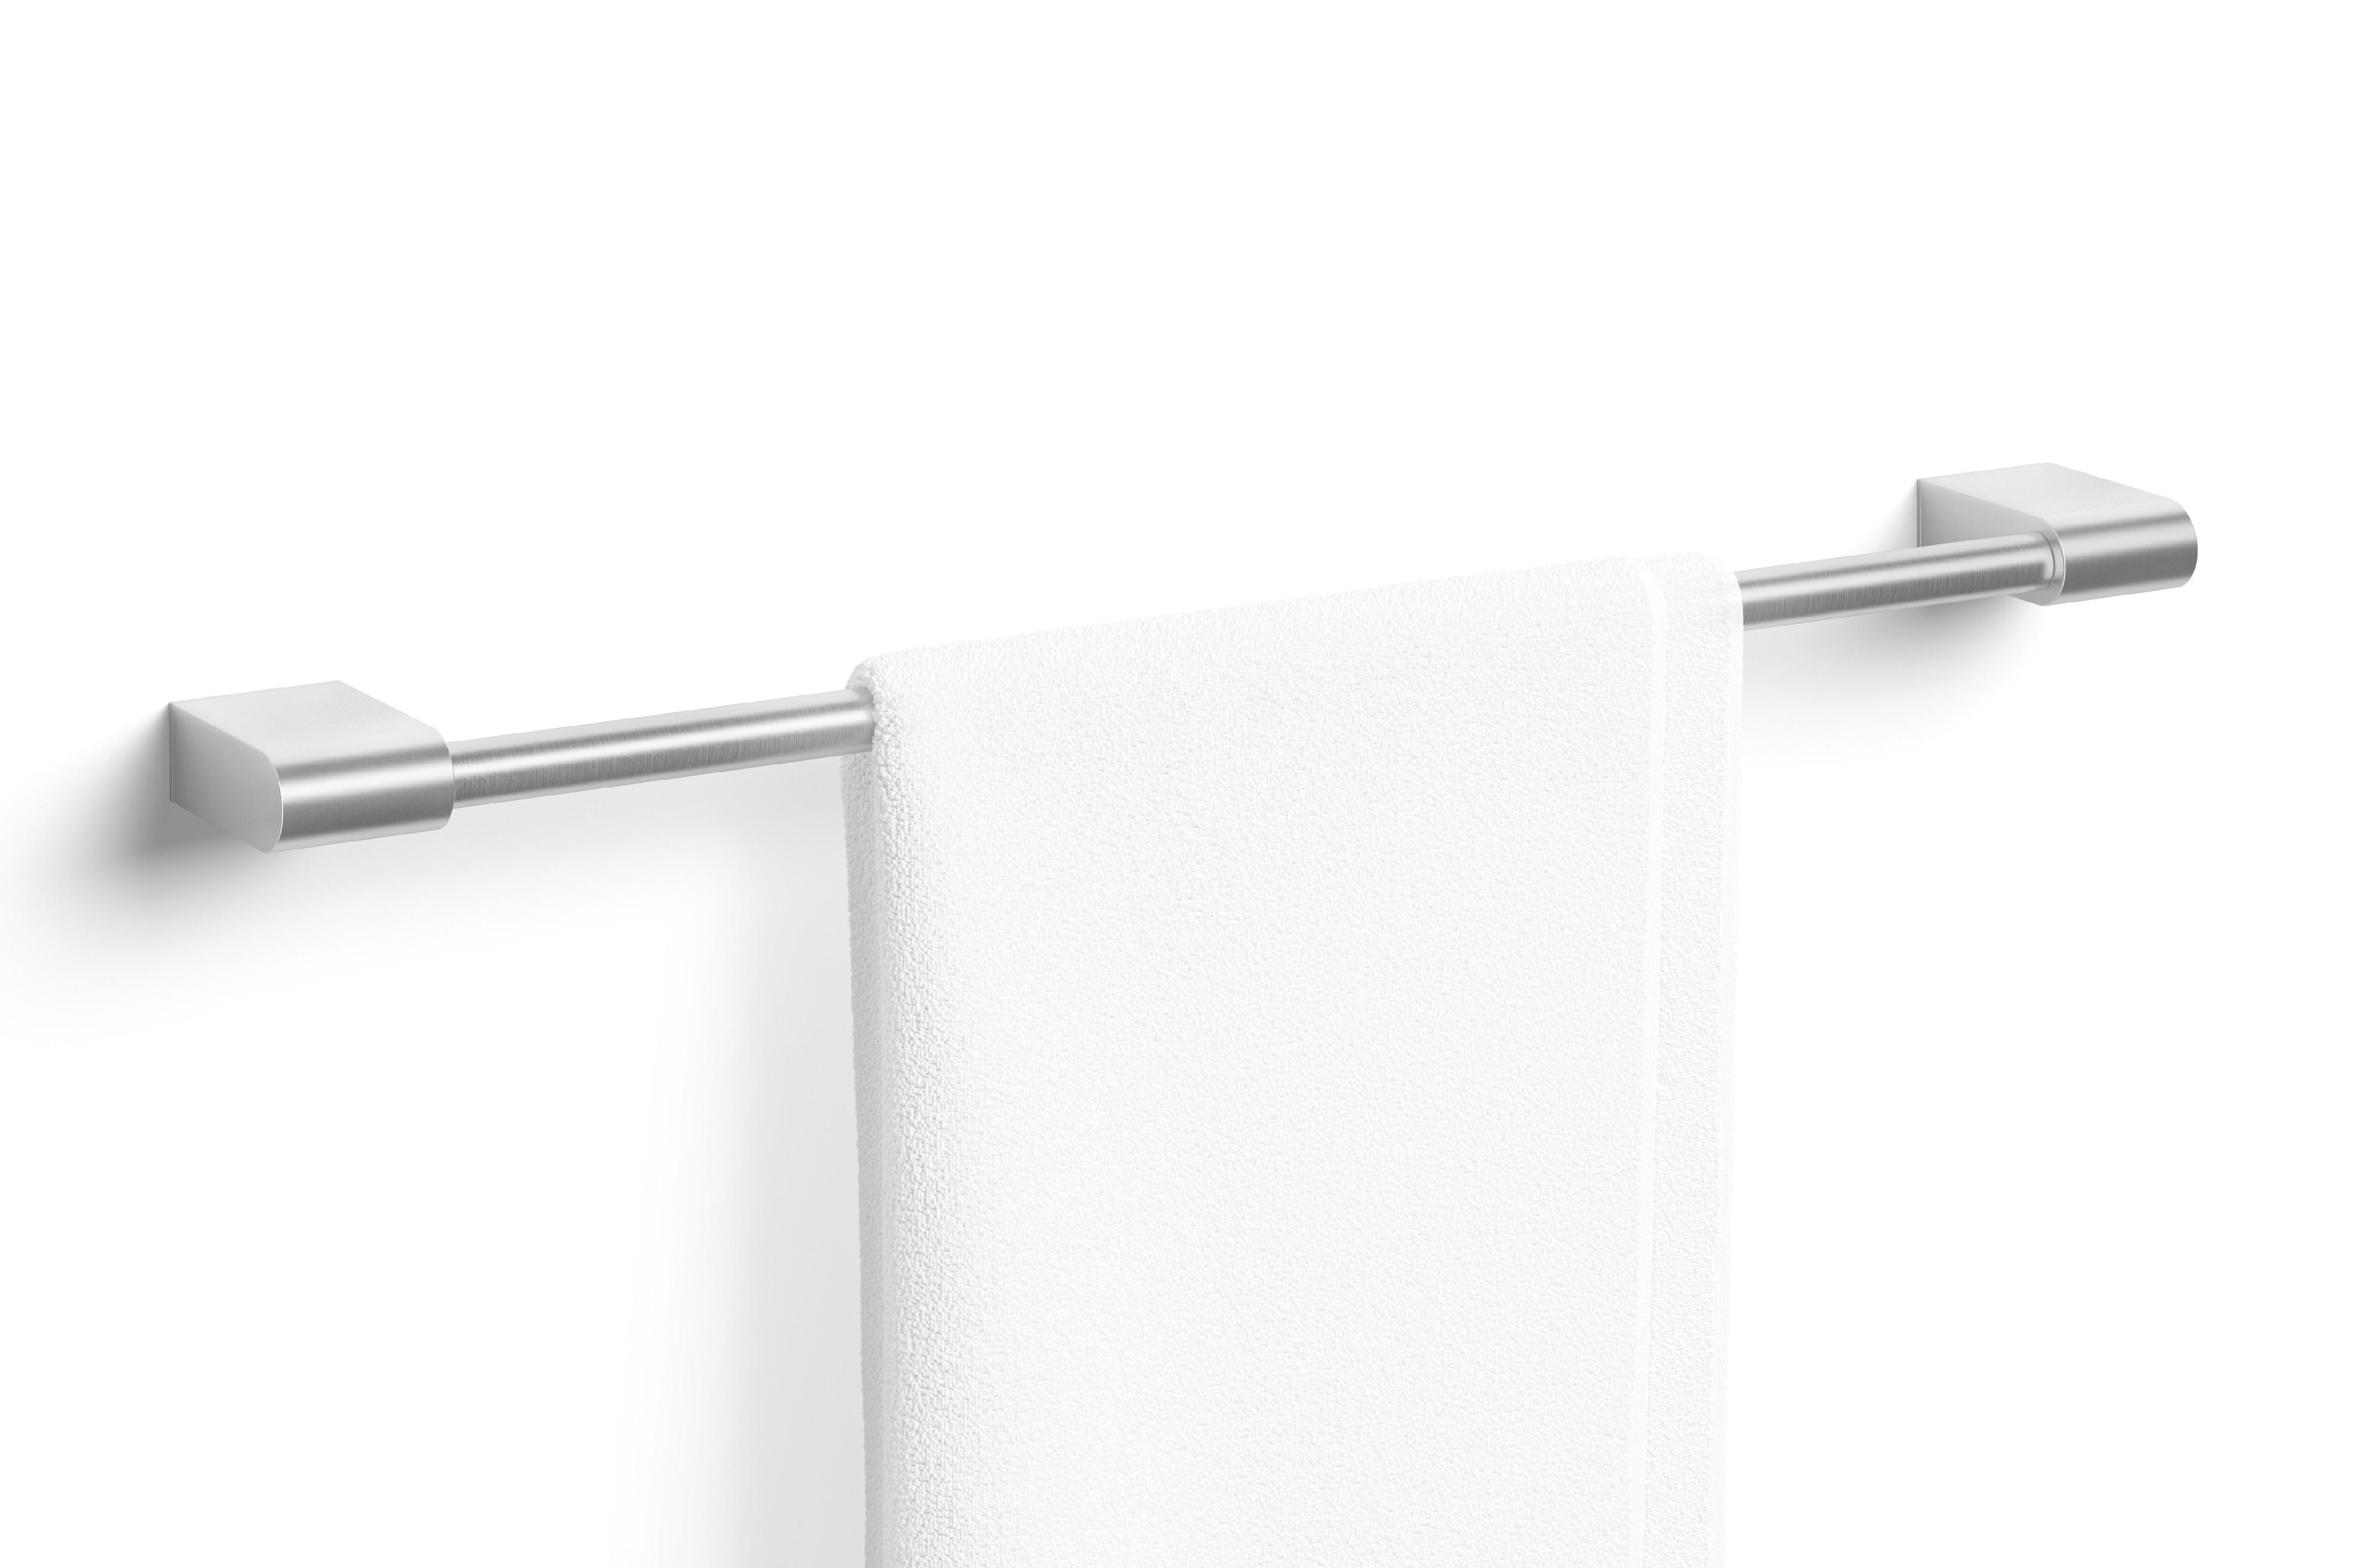 Nerezový sušák na ručníky 65 cm nerezový broušený ZACK